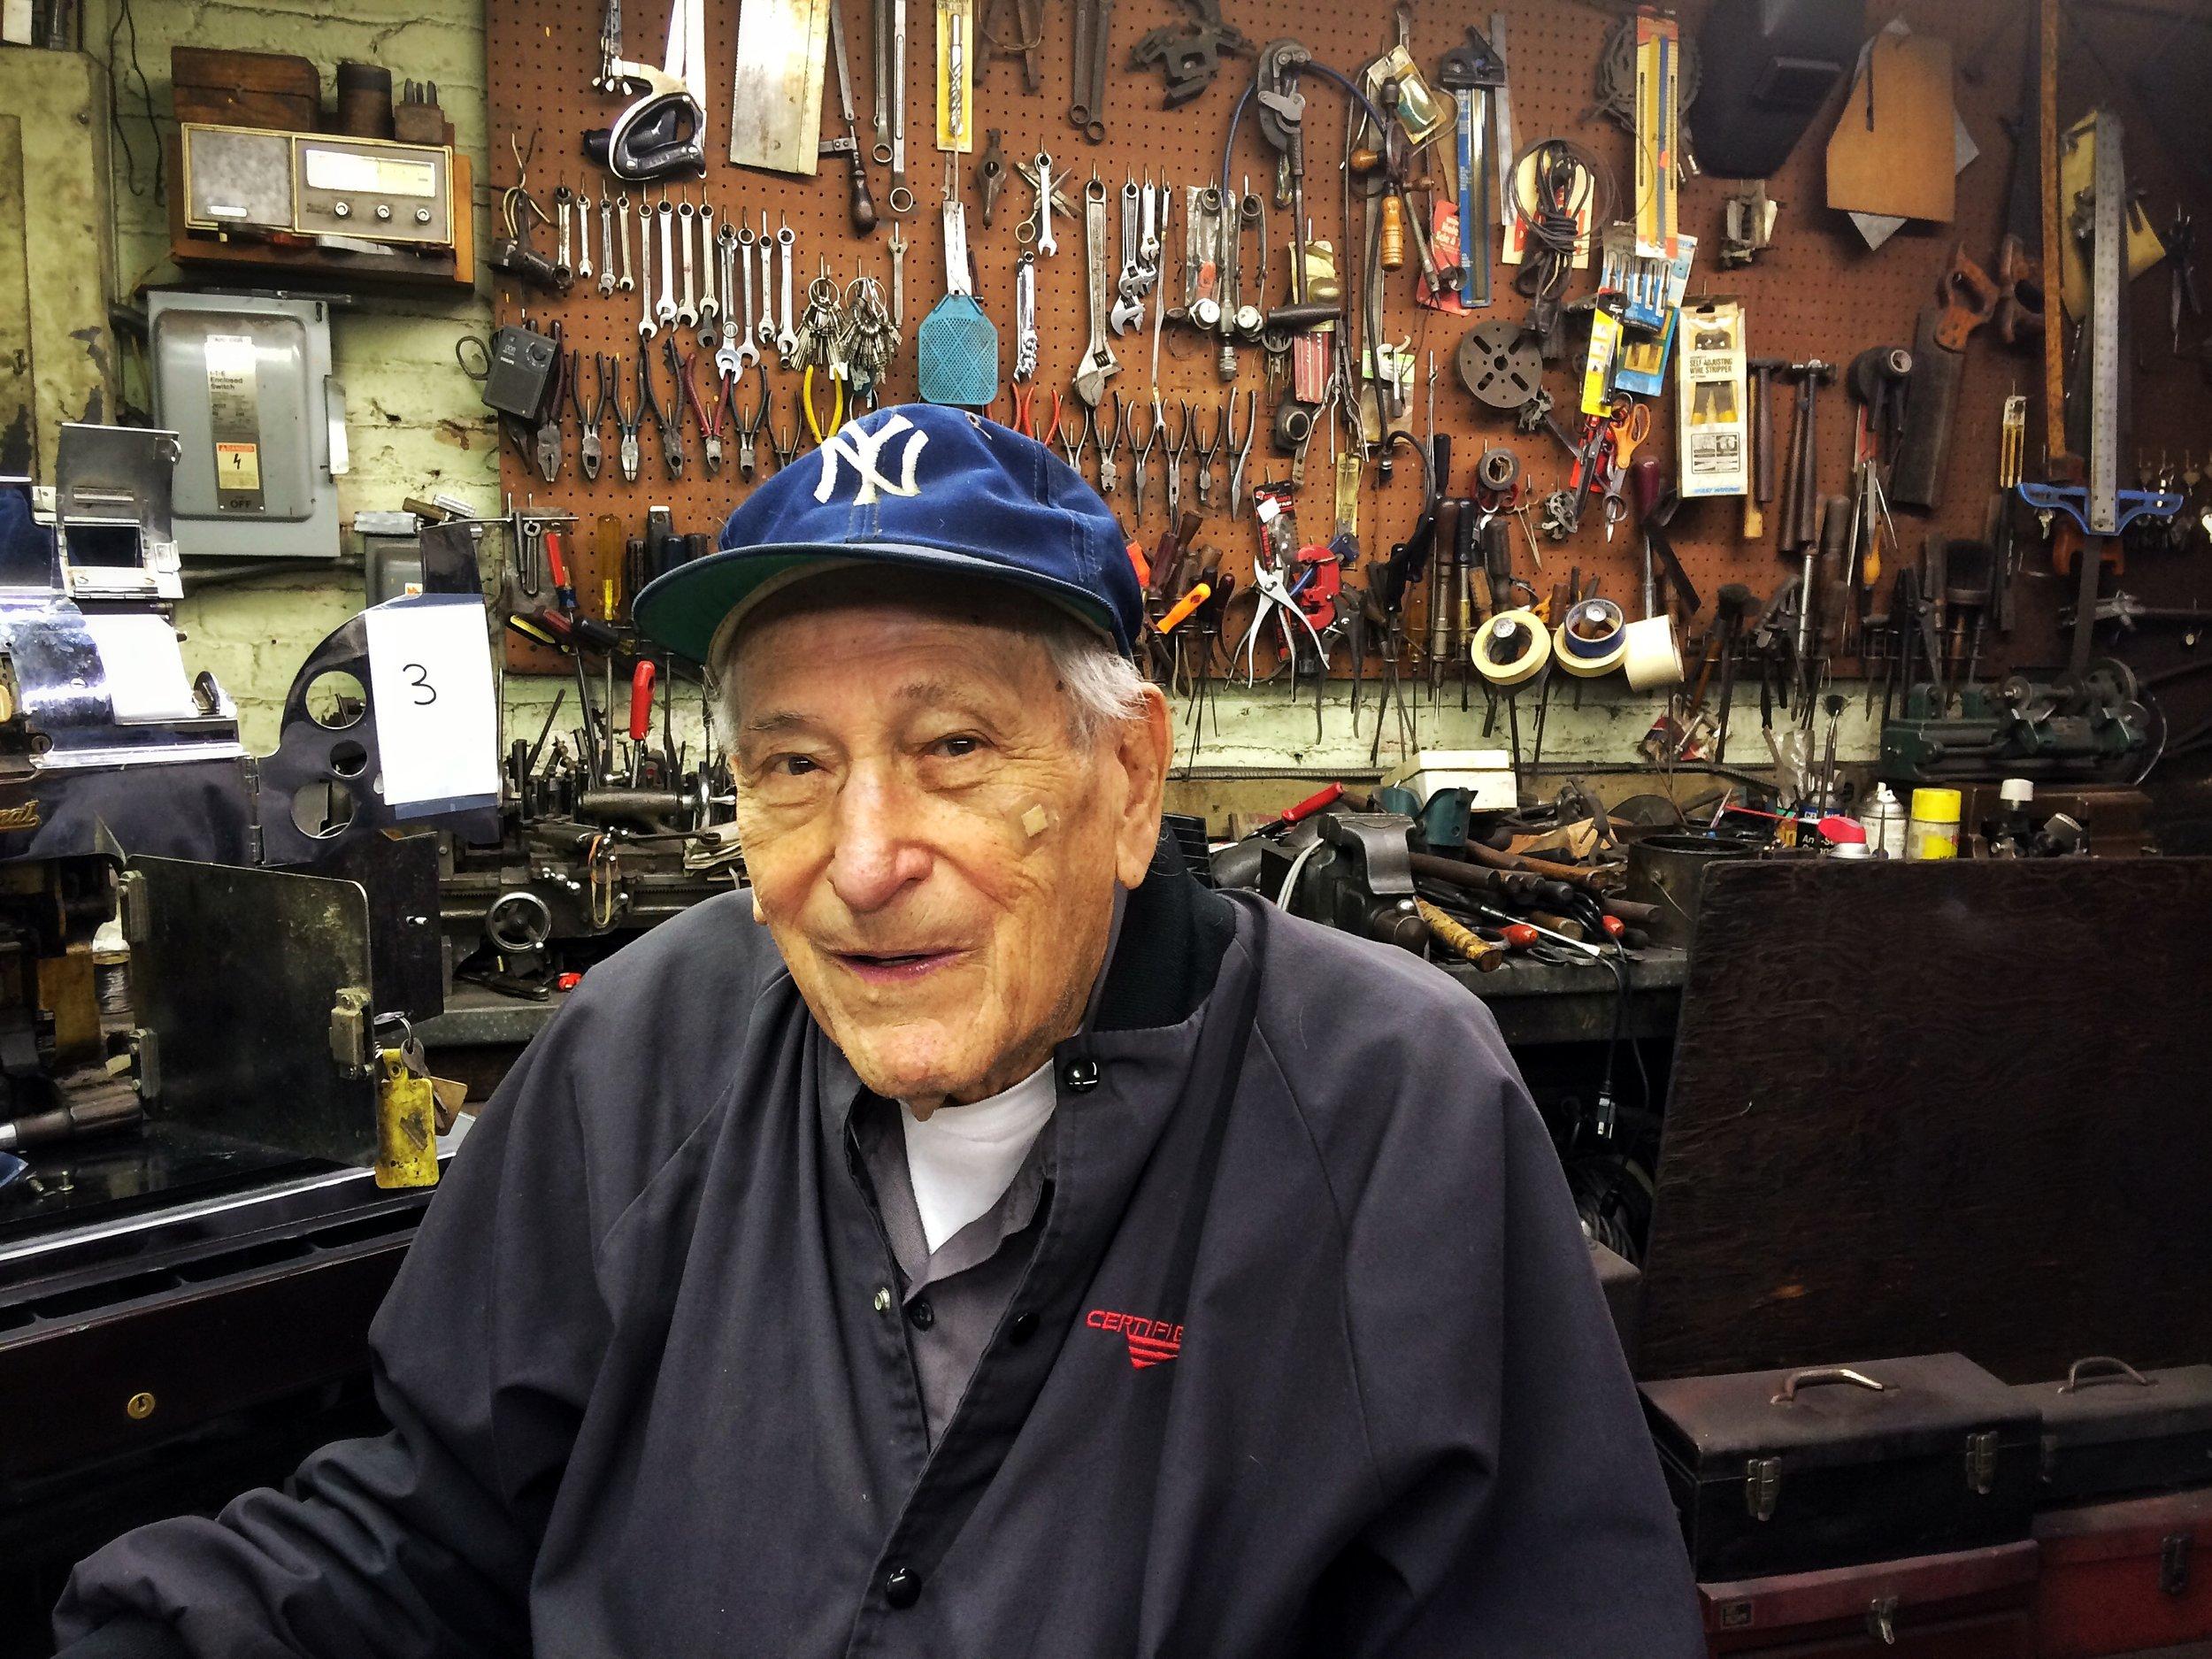 Bernard Faerman in his workshop in the back of Faerman Cash Register Co. Photo credit P. Peterson